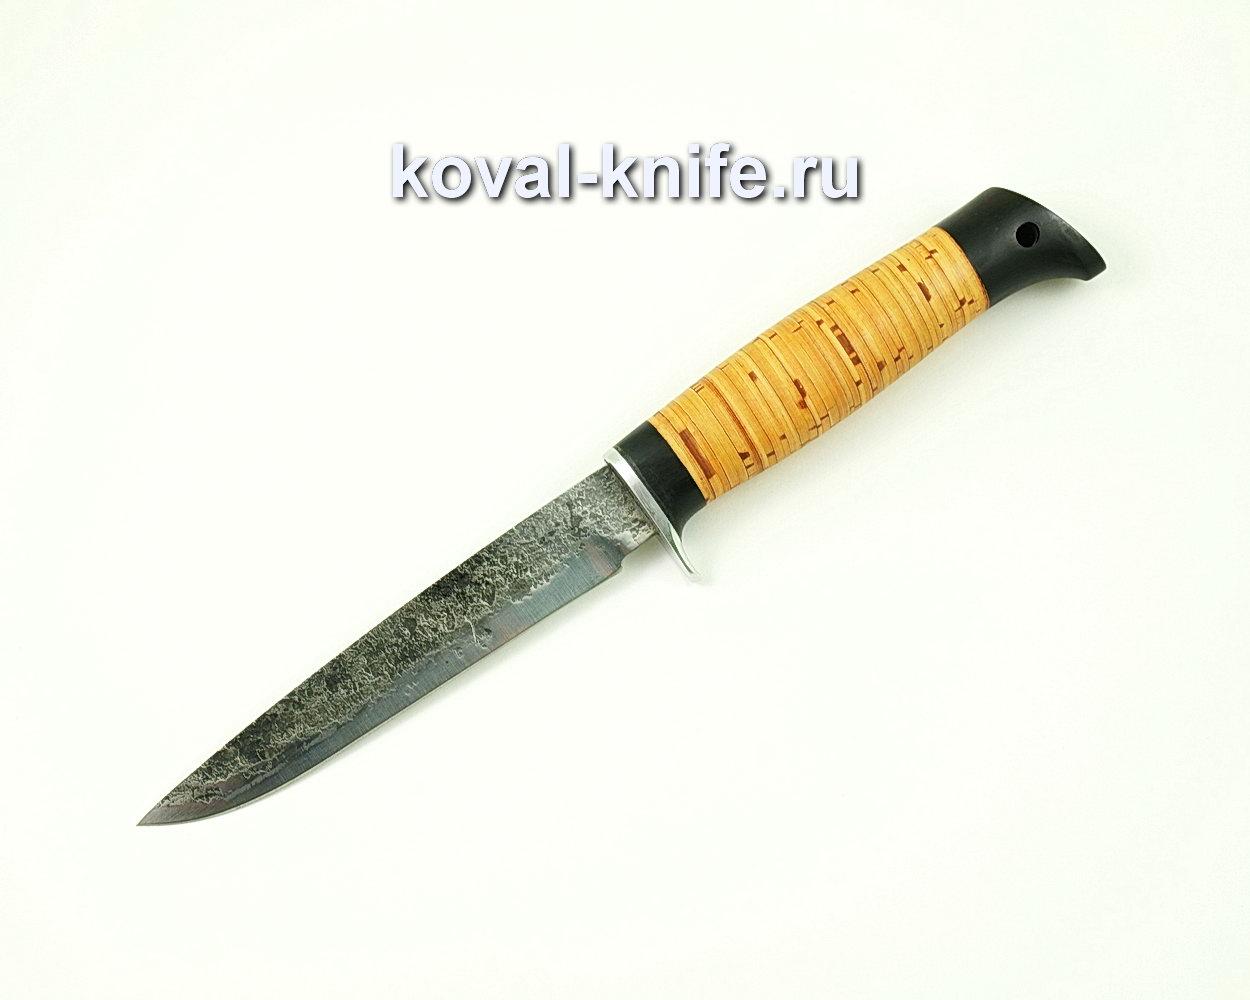 Нож Коготь из стали 9хс (рукоять береста, граб) A402